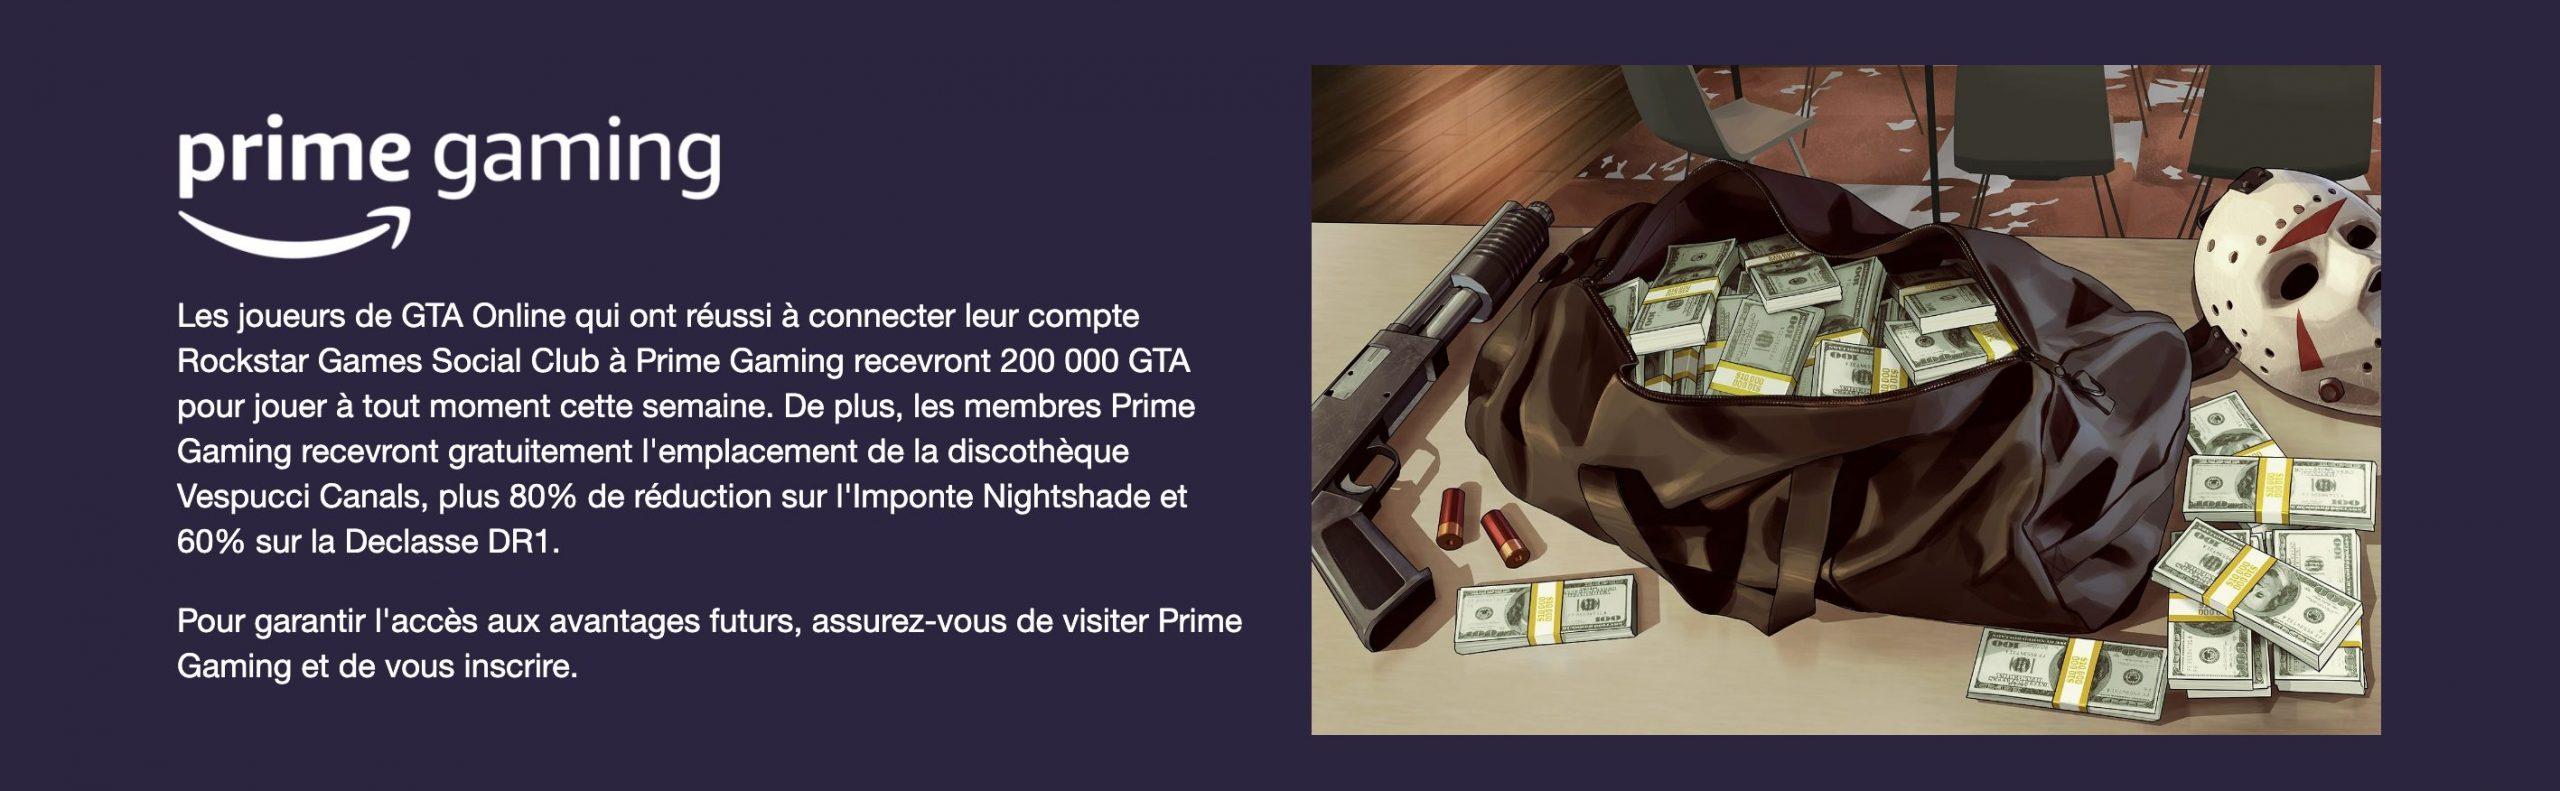 Prime Gaming GTA Online